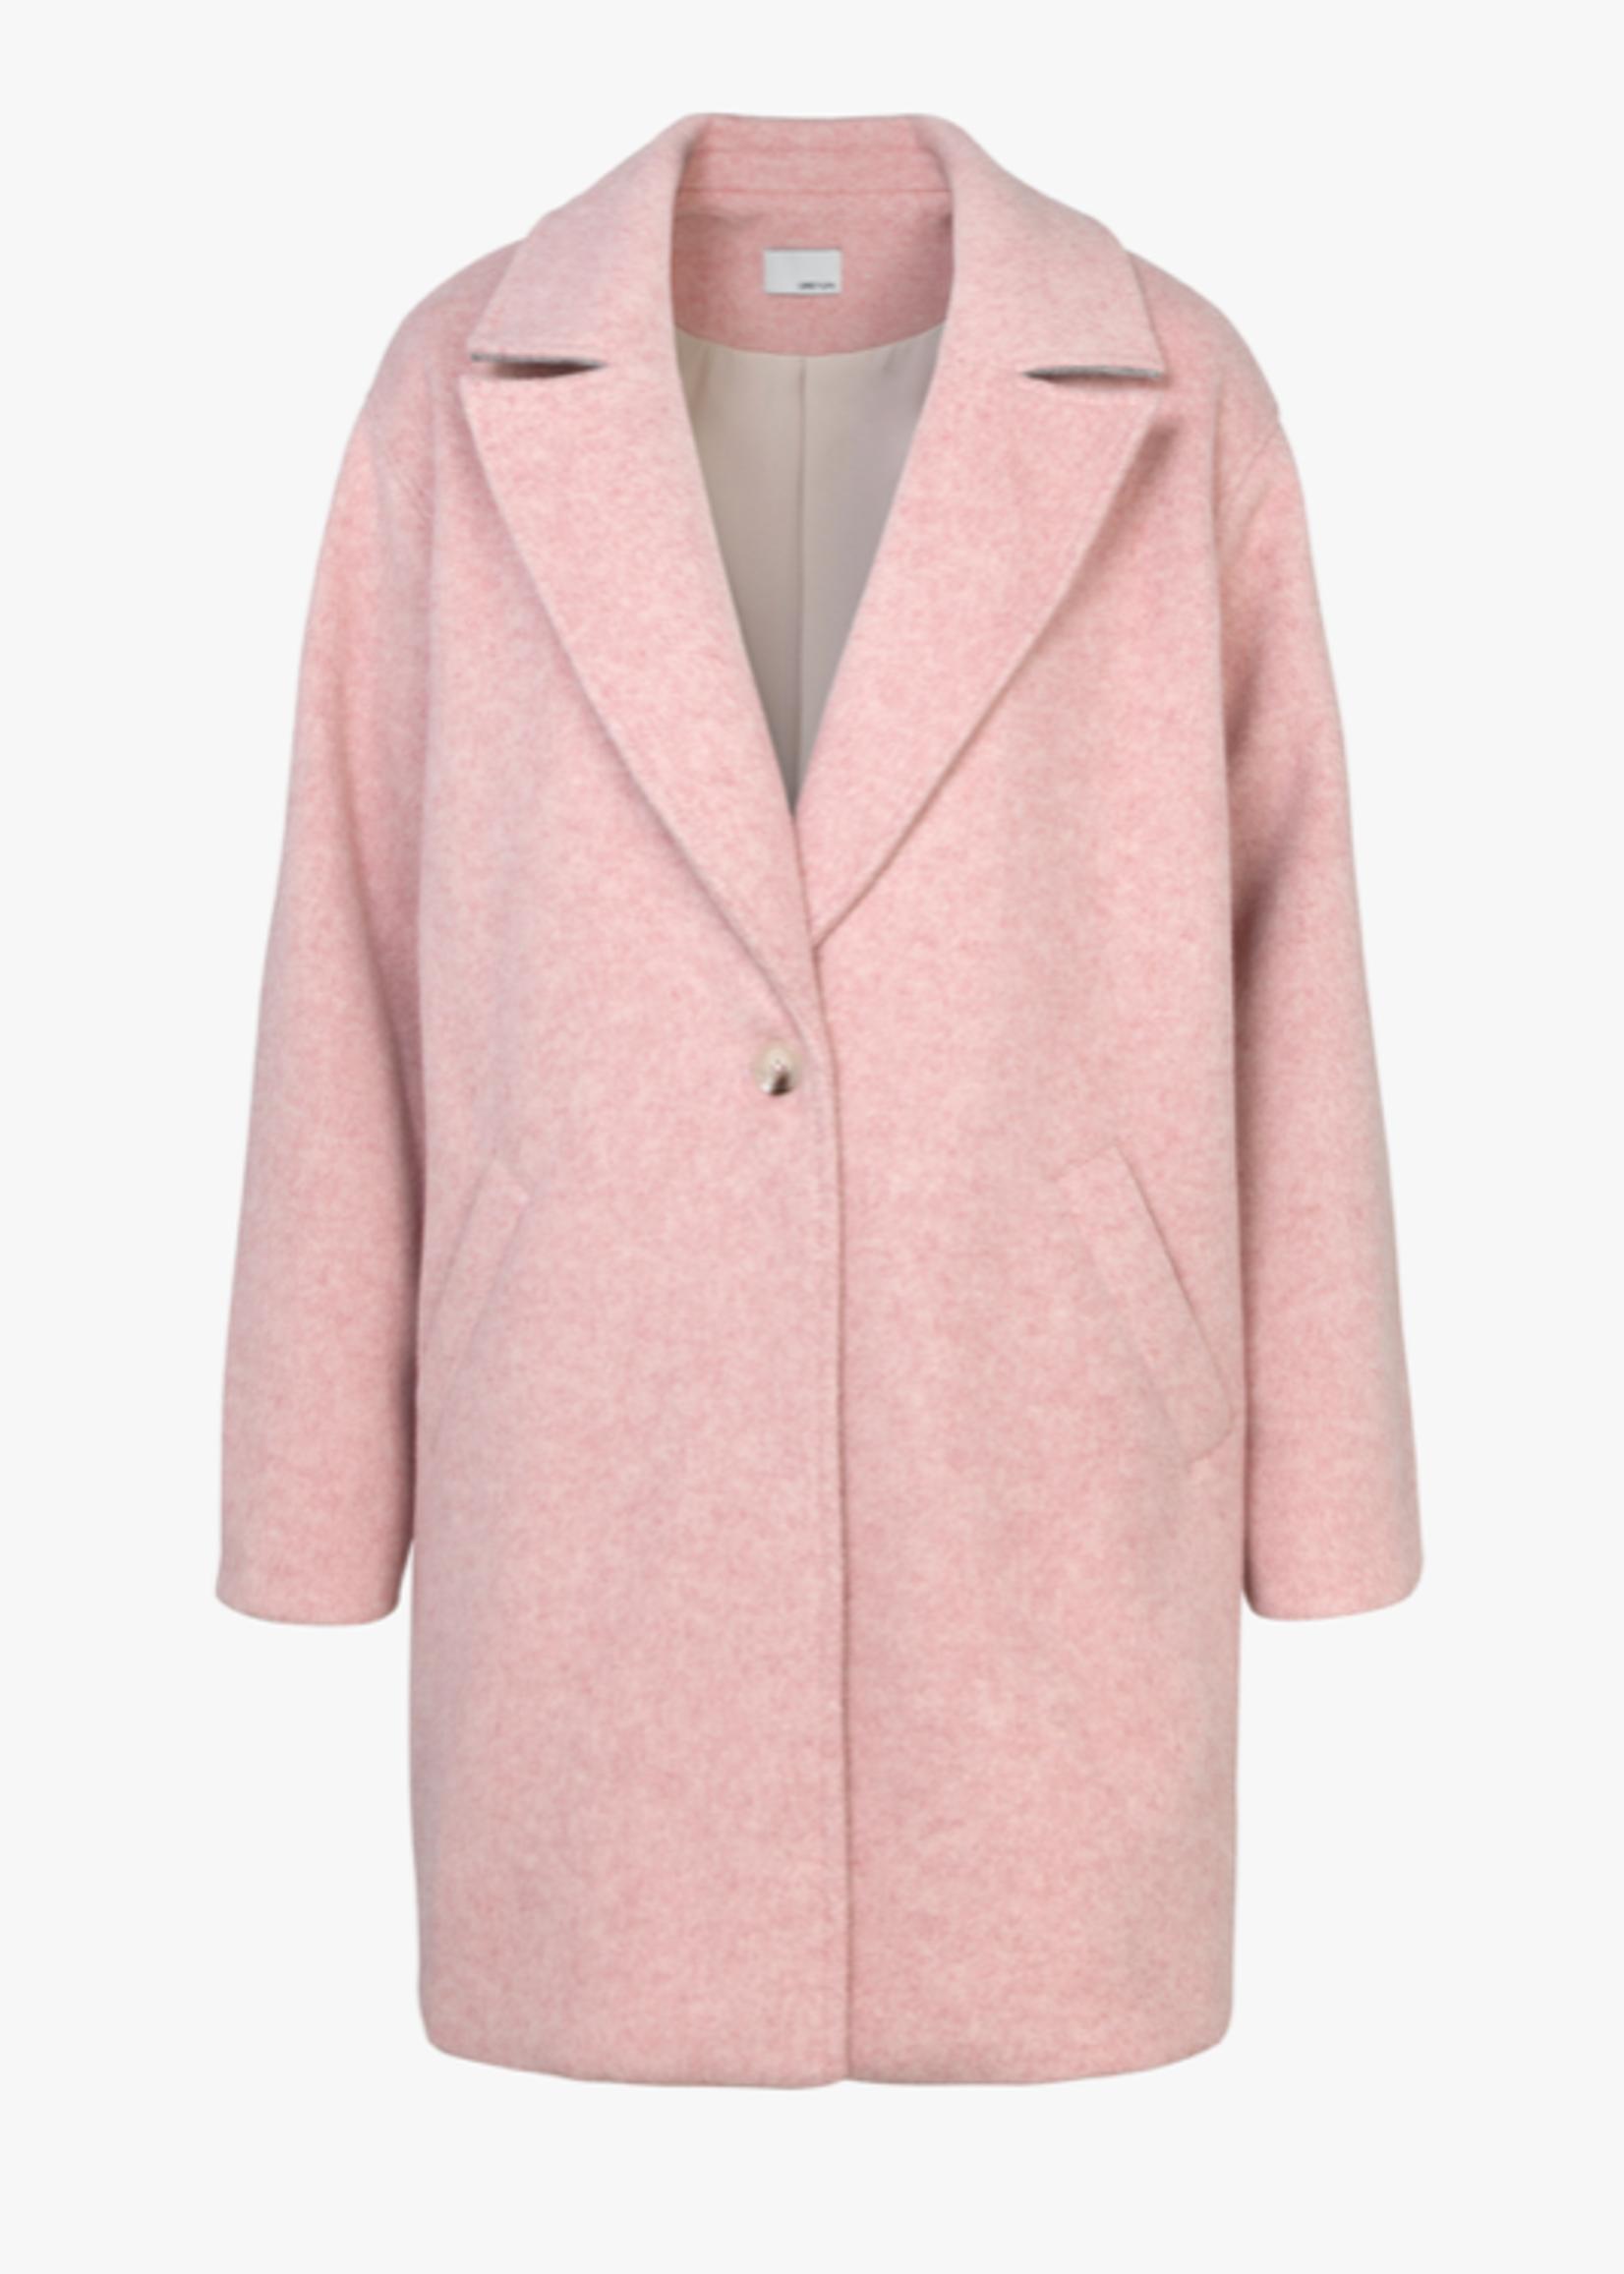 Elitaire Boutique La Femme Coat in Light Pink